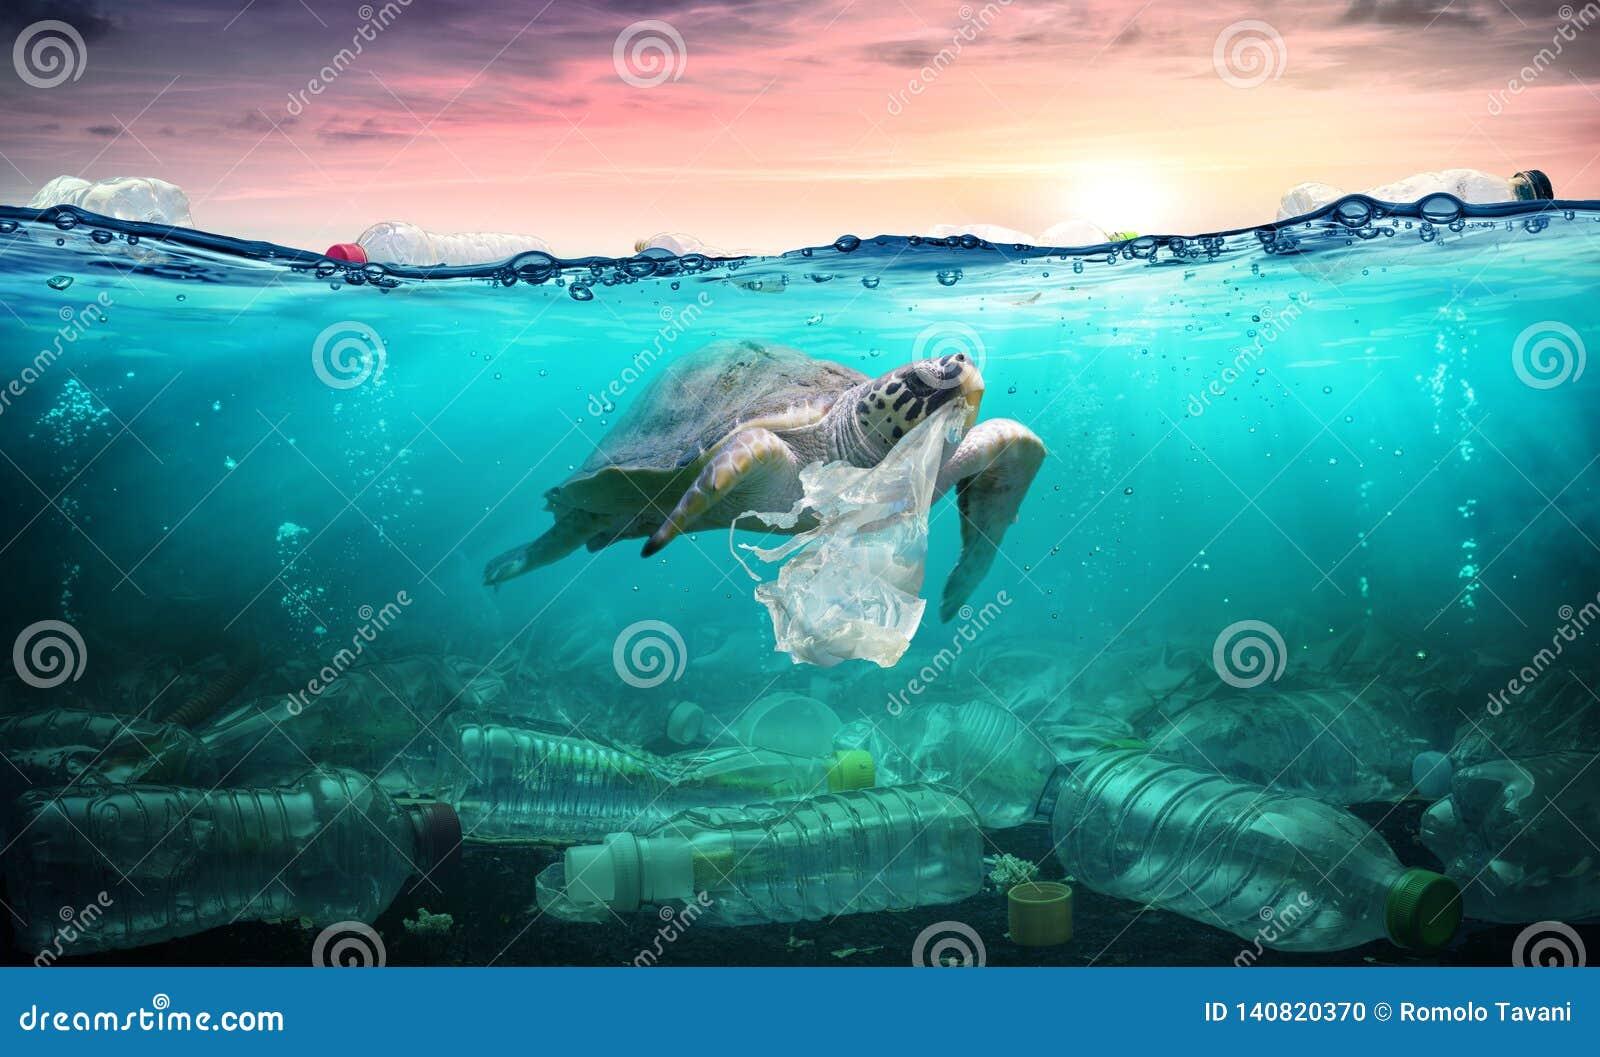 Contaminación plástica en el océano - la tortuga come la bolsa de plástico